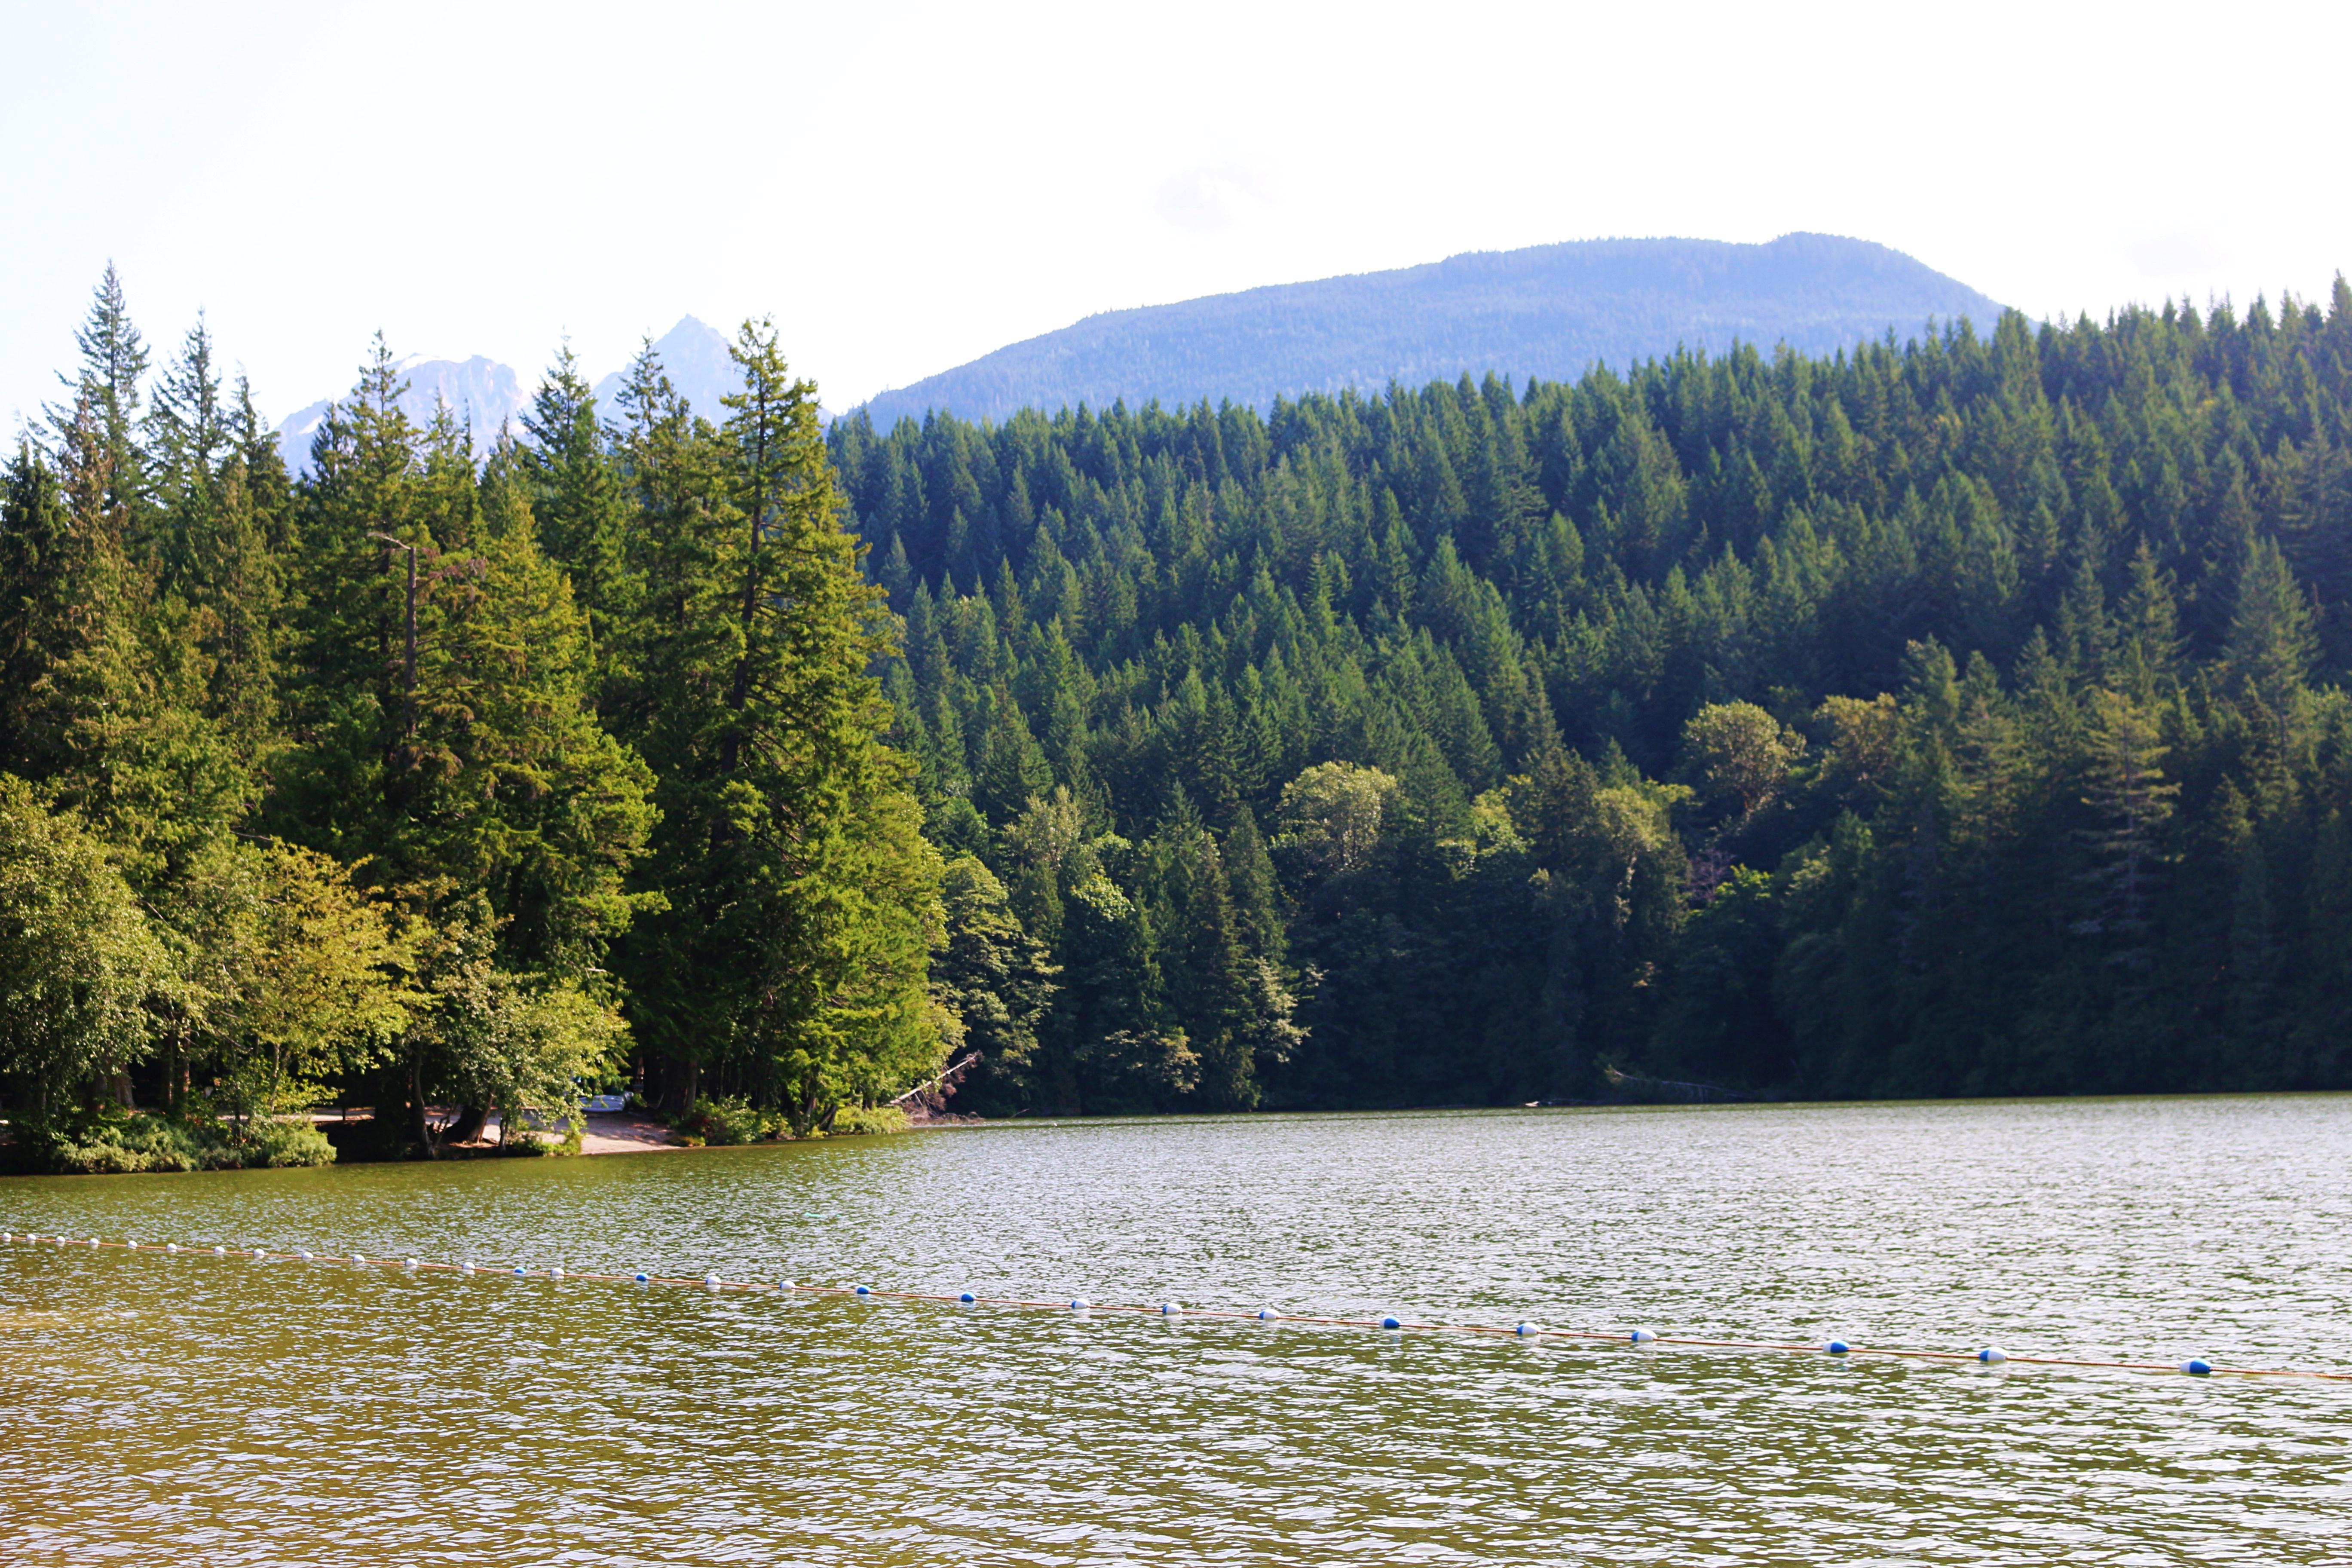 Alice Lake in Squamish